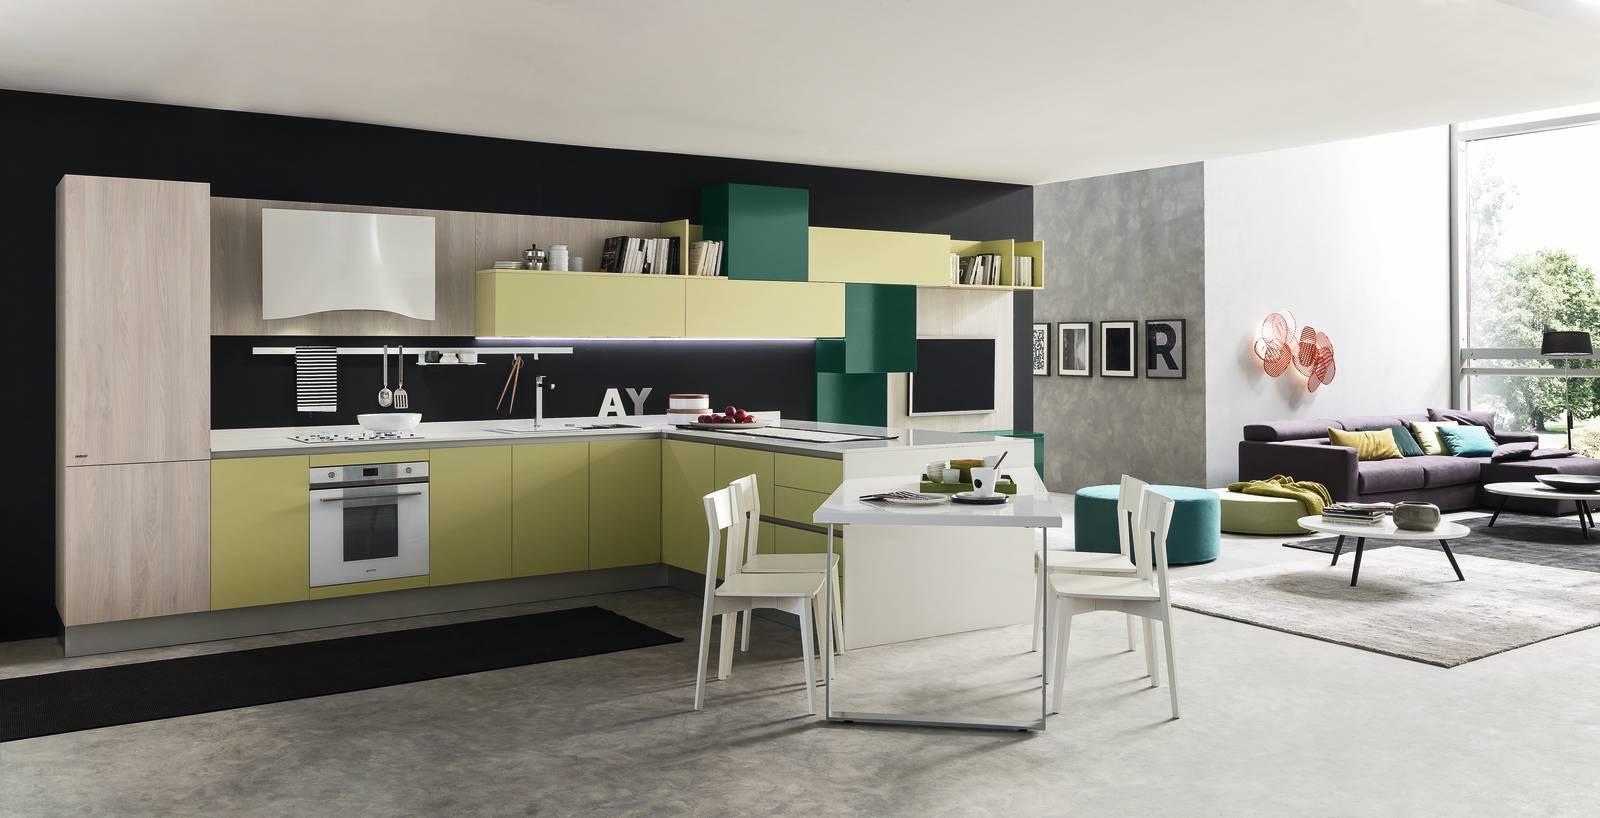 Per la cucina un piano di lavoro resistente e facile da pulire cose di casa - Cucine lube reggio emilia ...